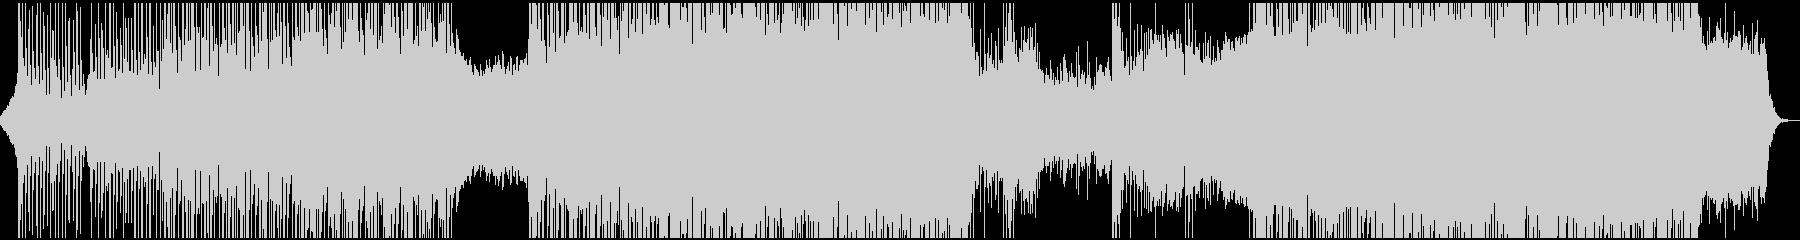 クール・カッコイイ系トランスEDMの未再生の波形